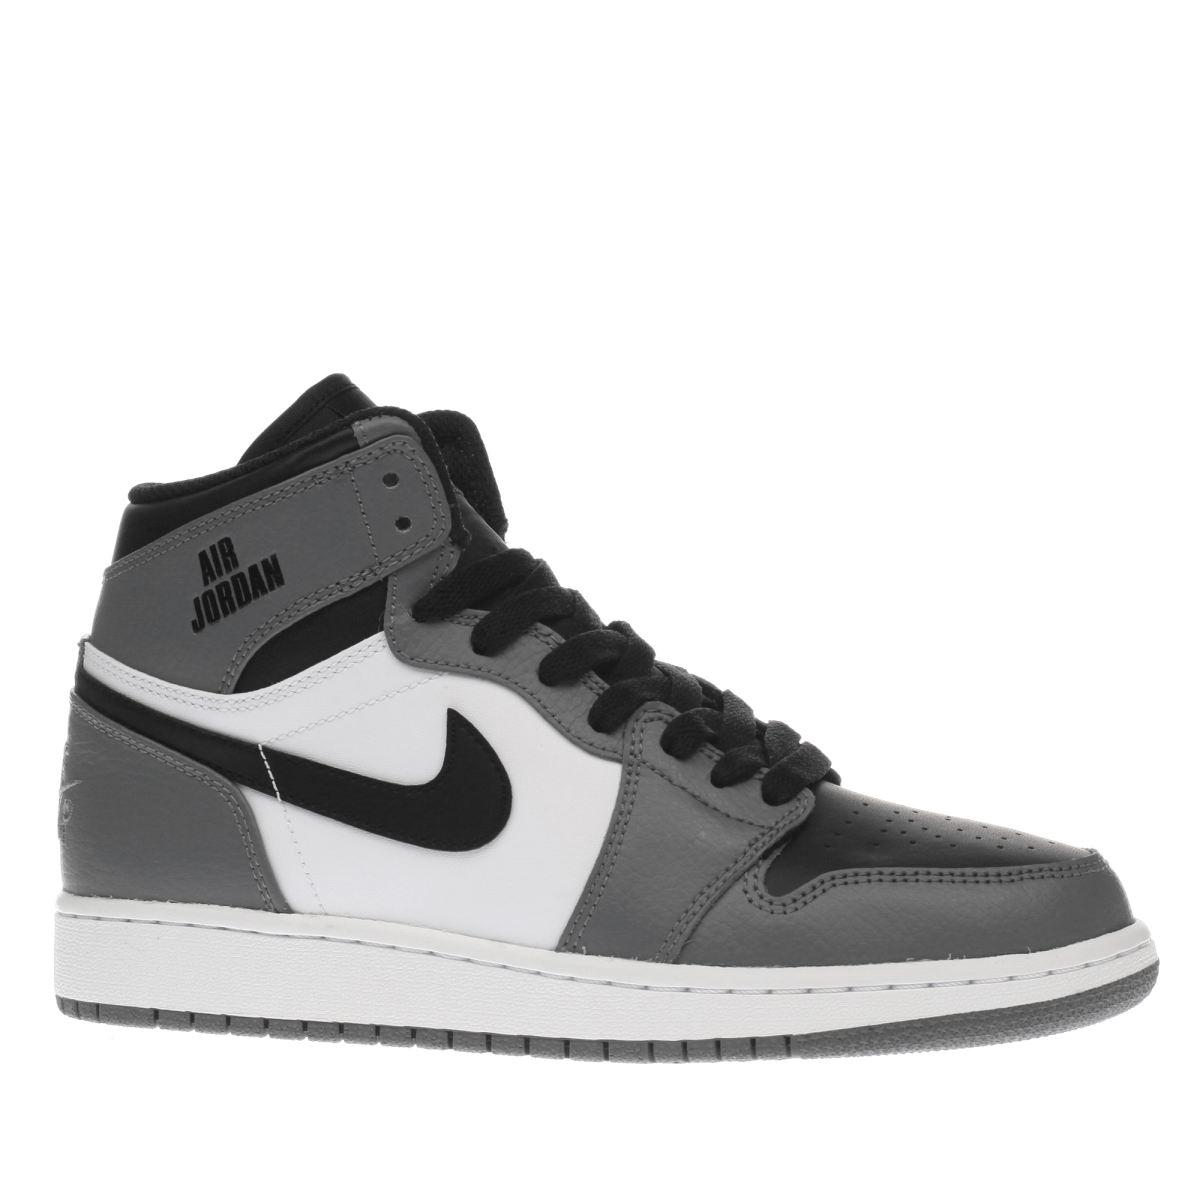 nike jordan Nike Jordan White & Grey 1 Retro High Unisex Youth